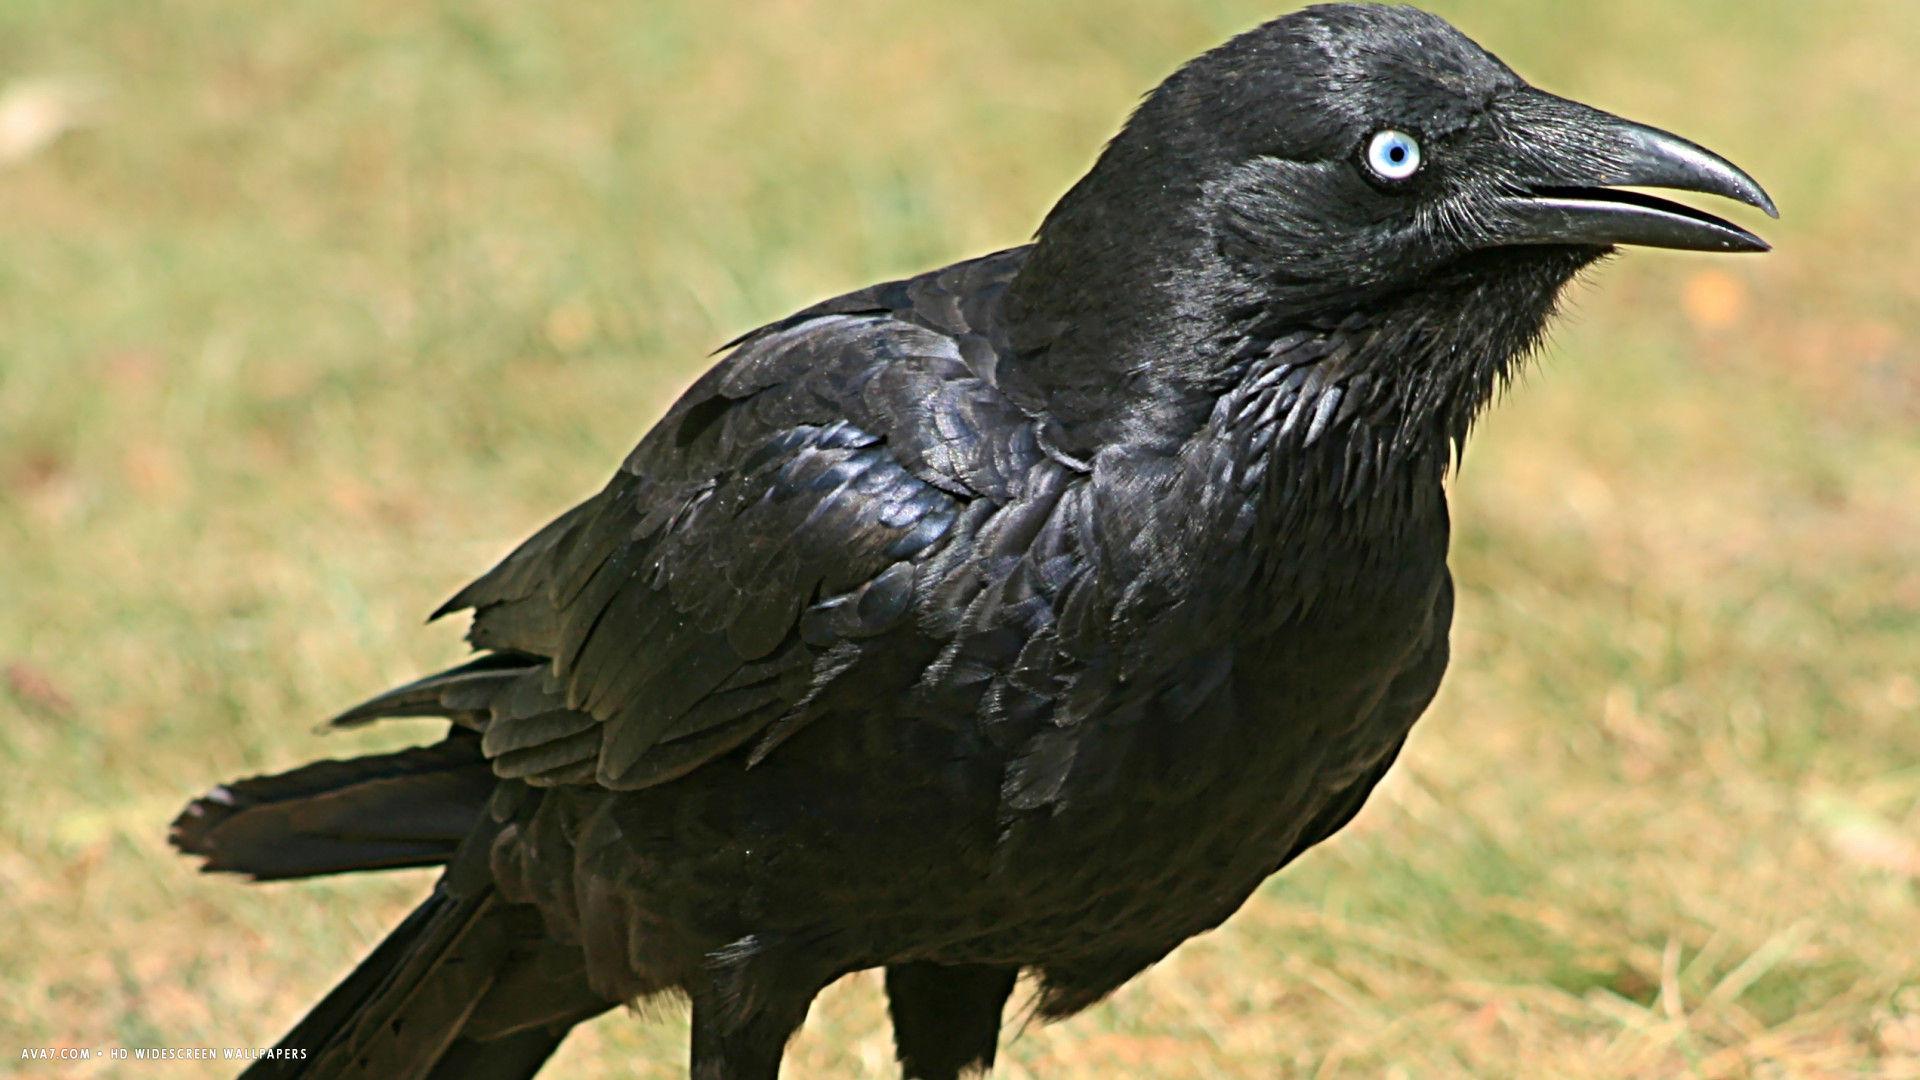 Ravens flying wallpaper - photo#32